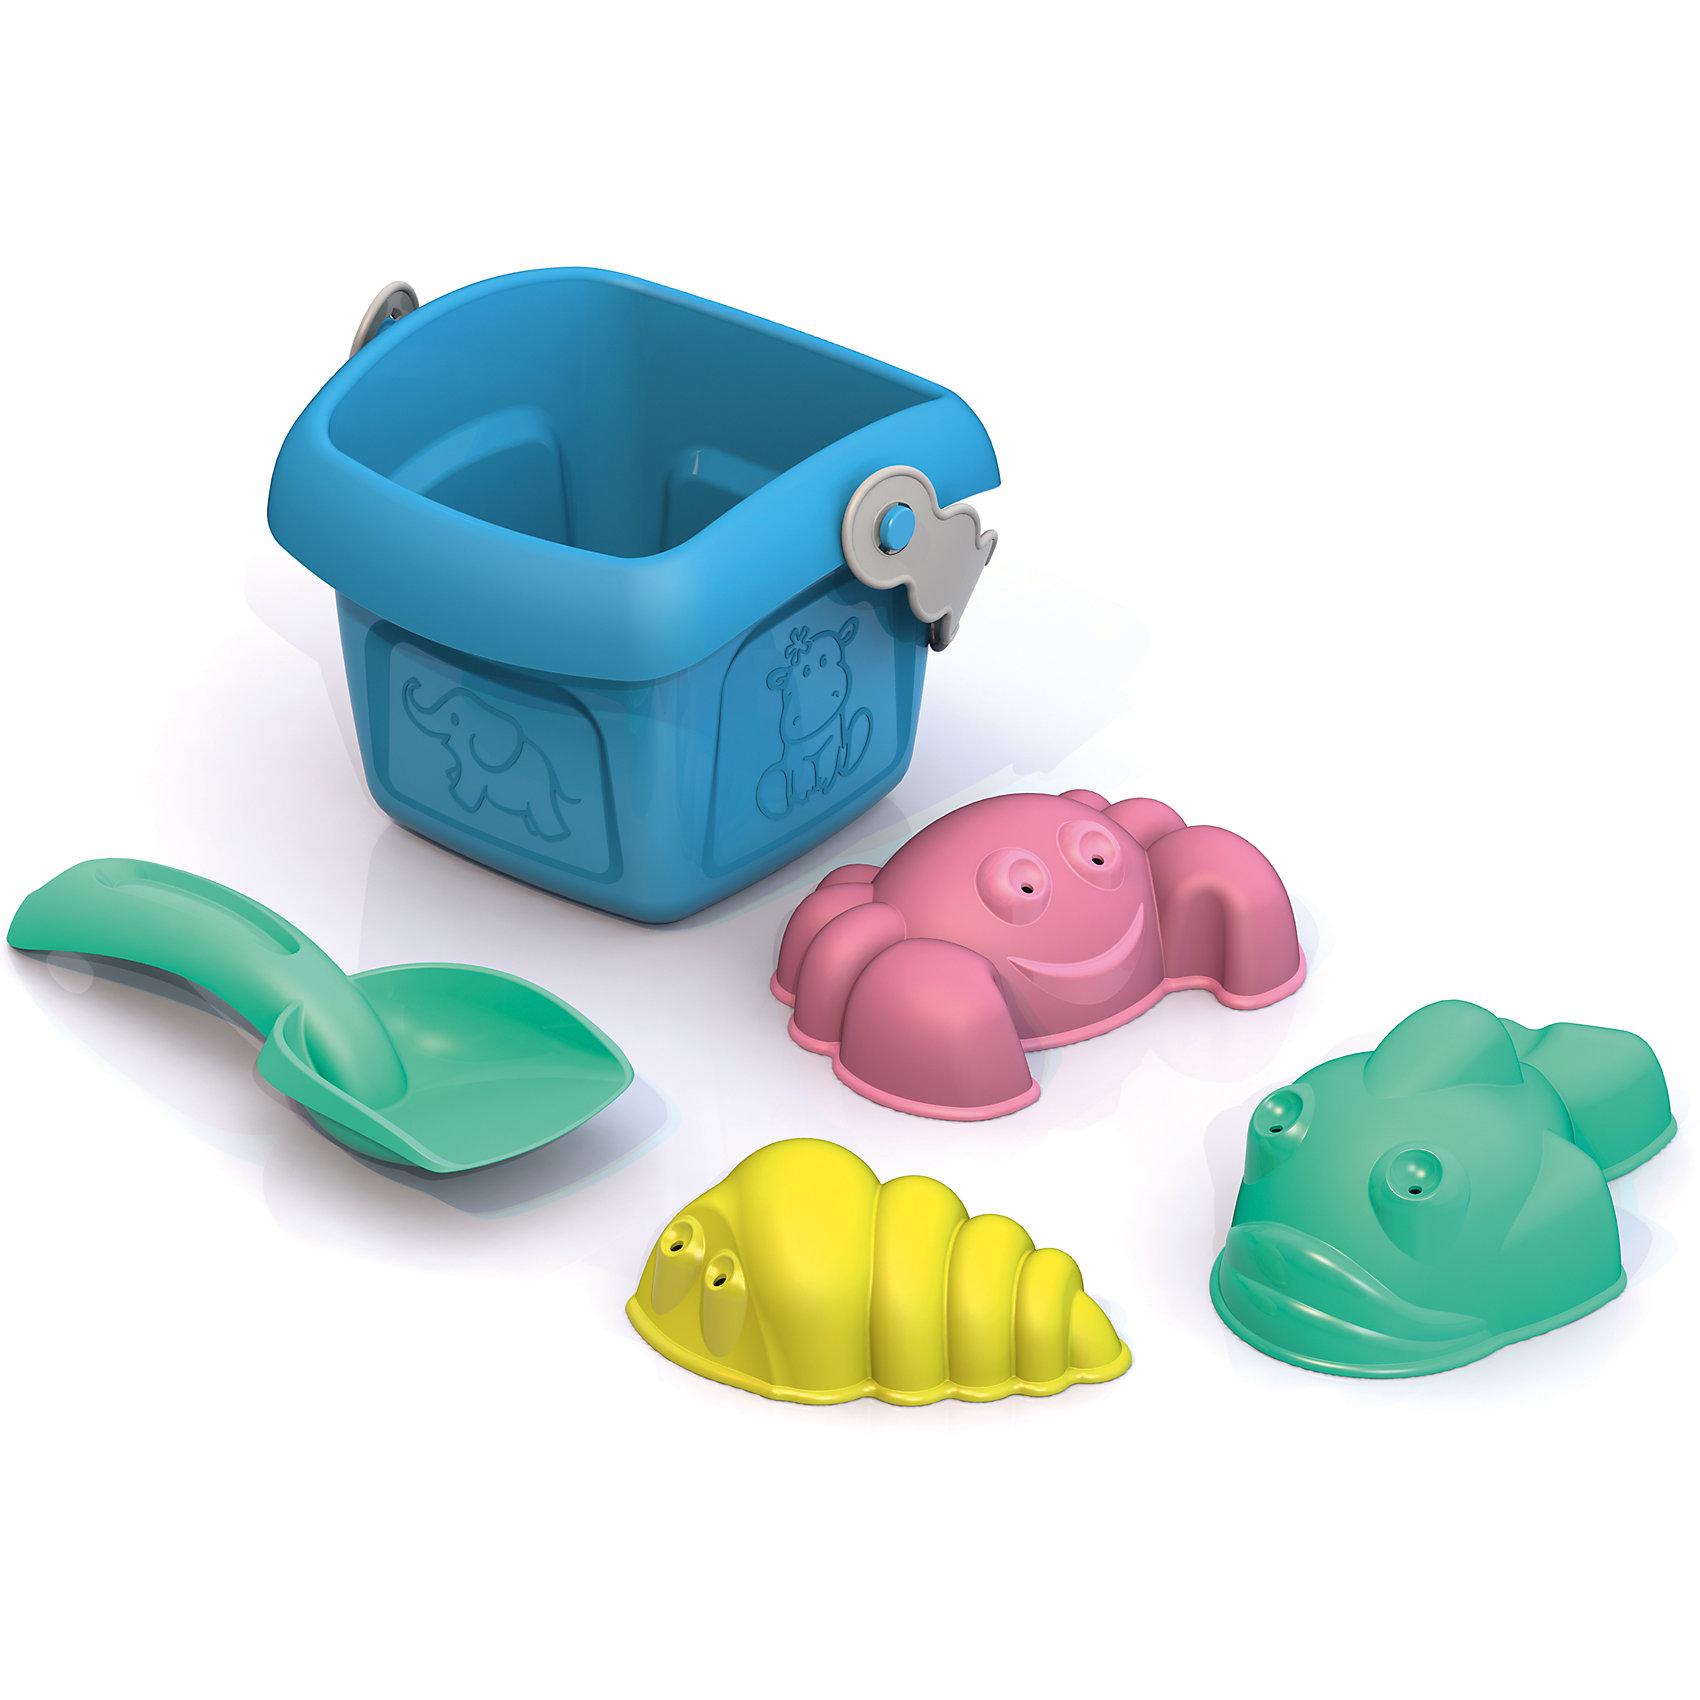 Набор для песочницы, Шкода, цвета в ассортиментеНабор для песочницы, Шкода, цвета в ассортименте.<br><br>Характеристики:<br><br>- В наборе: ведерко (10,6x11,6x8,4 см), совочек (13x5x2,5 см), формочка Ракушка (8x4,7x3 см), формочка Крабик (9x6,6x3 см), формочка Рыбка (9,8x6,2x4,3 см)<br>- Цвета в ассортименте<br>- Материал: пластмасса<br><br>ВНИМАНИЕ! Данный артикул представлен в разных вариантах исполнения. К сожалению, заранее выбрать определенный вариант невозможно. При заказе нескольких наборов возможно получение одинаковых<br><br>Набор для песочницы привлечет внимание вашего ребенка, ведь с яркими игрушками проводить время в песочнице или на пляже станет гораздо интереснее. Набор состоит из небольшого квадратного ведерка с безопасными краями, совочка, 3 формочек в виде крабика, ракушки с улиткой и рыбки. Набор изготовлен из пластмассы нового поколения, в производстве использованы очень яркие цвета и новые дизайнерские решения.<br><br>Набор для песочницы, Шкода, цвета в ассортименте можно купить в нашем интернет-магазине.<br><br>Ширина мм: 225<br>Глубина мм: 55<br>Высота мм: 270<br>Вес г: 80<br>Возраст от месяцев: 36<br>Возраст до месяцев: 72<br>Пол: Унисекс<br>Возраст: Детский<br>SKU: 4104901